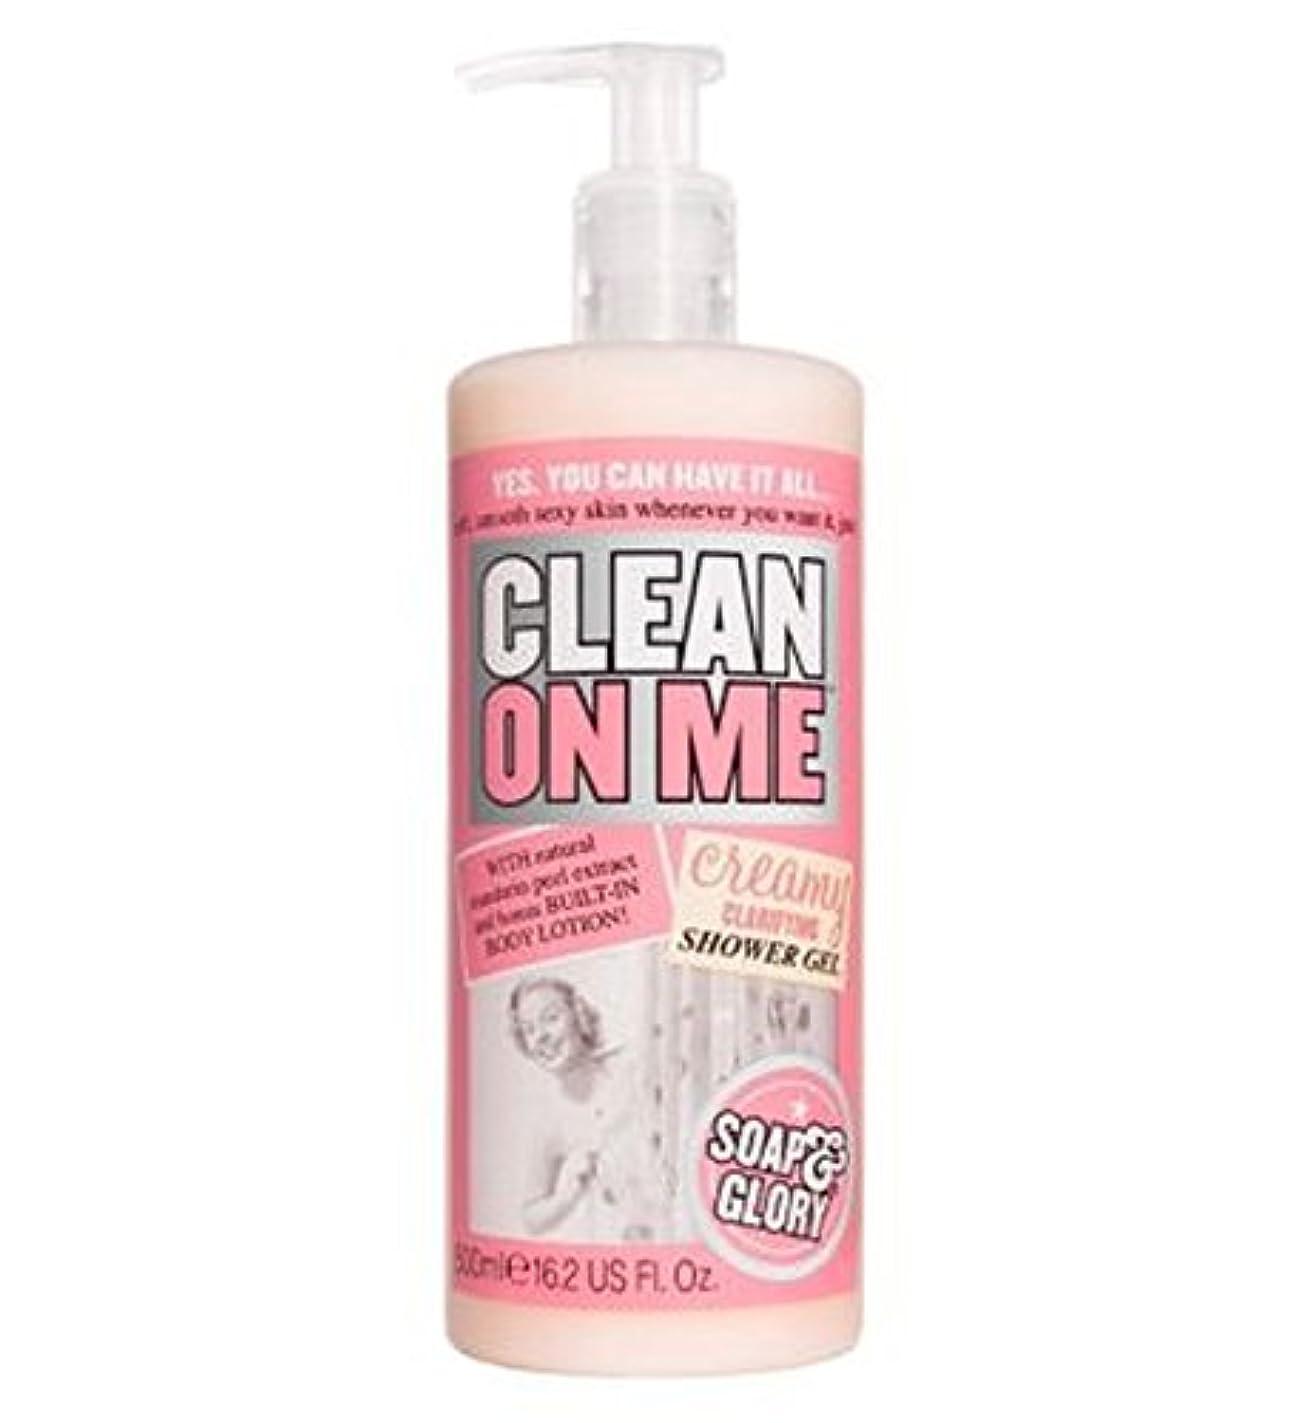 フレッシュゼロボクシング私にきれいな石鹸&栄光はシャワージェル500ミリリットルを明確にクリーミー (Soap & Glory) (x2) - Soap & Glory Clean On Me Creamy Clarifying Shower...